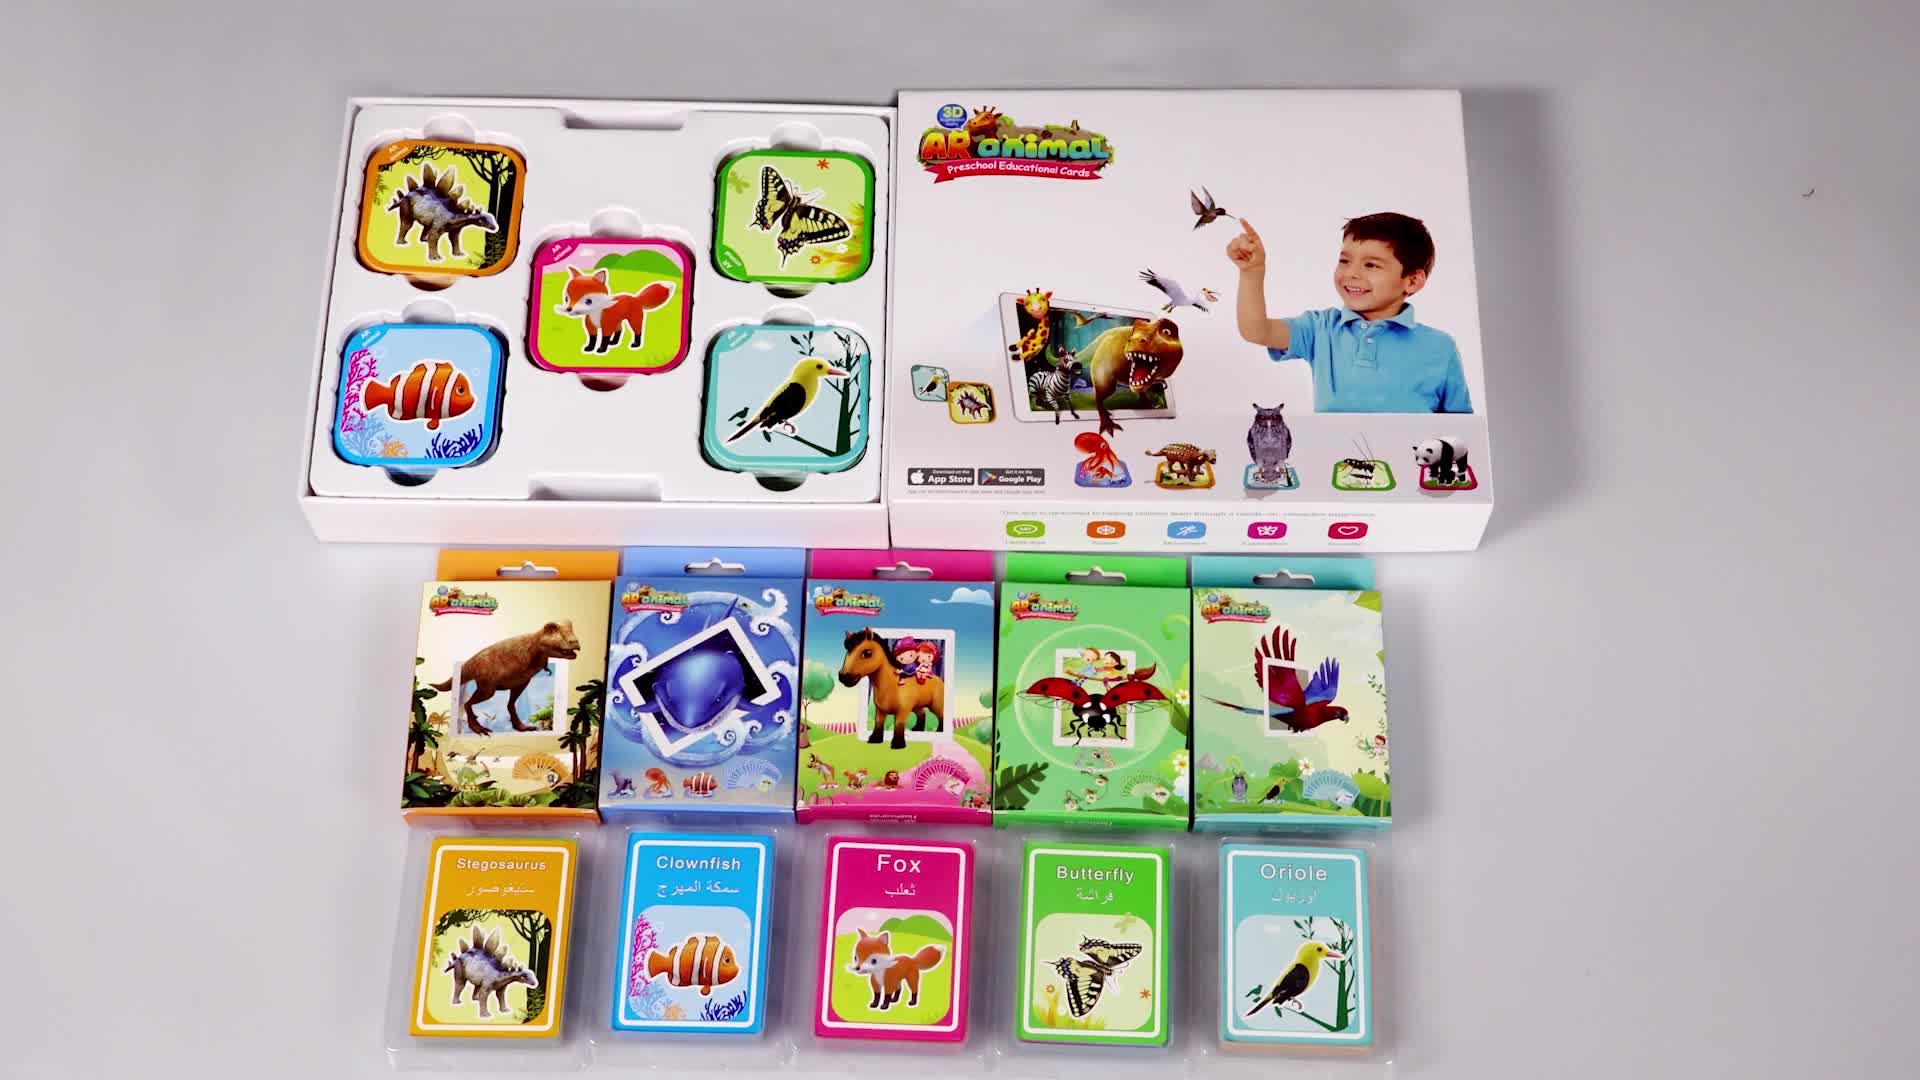 2018 a maioria dos brinquedos populares nova tradução Hindi Inglês brinquedos cartões flash de realidade aumentada para crianças